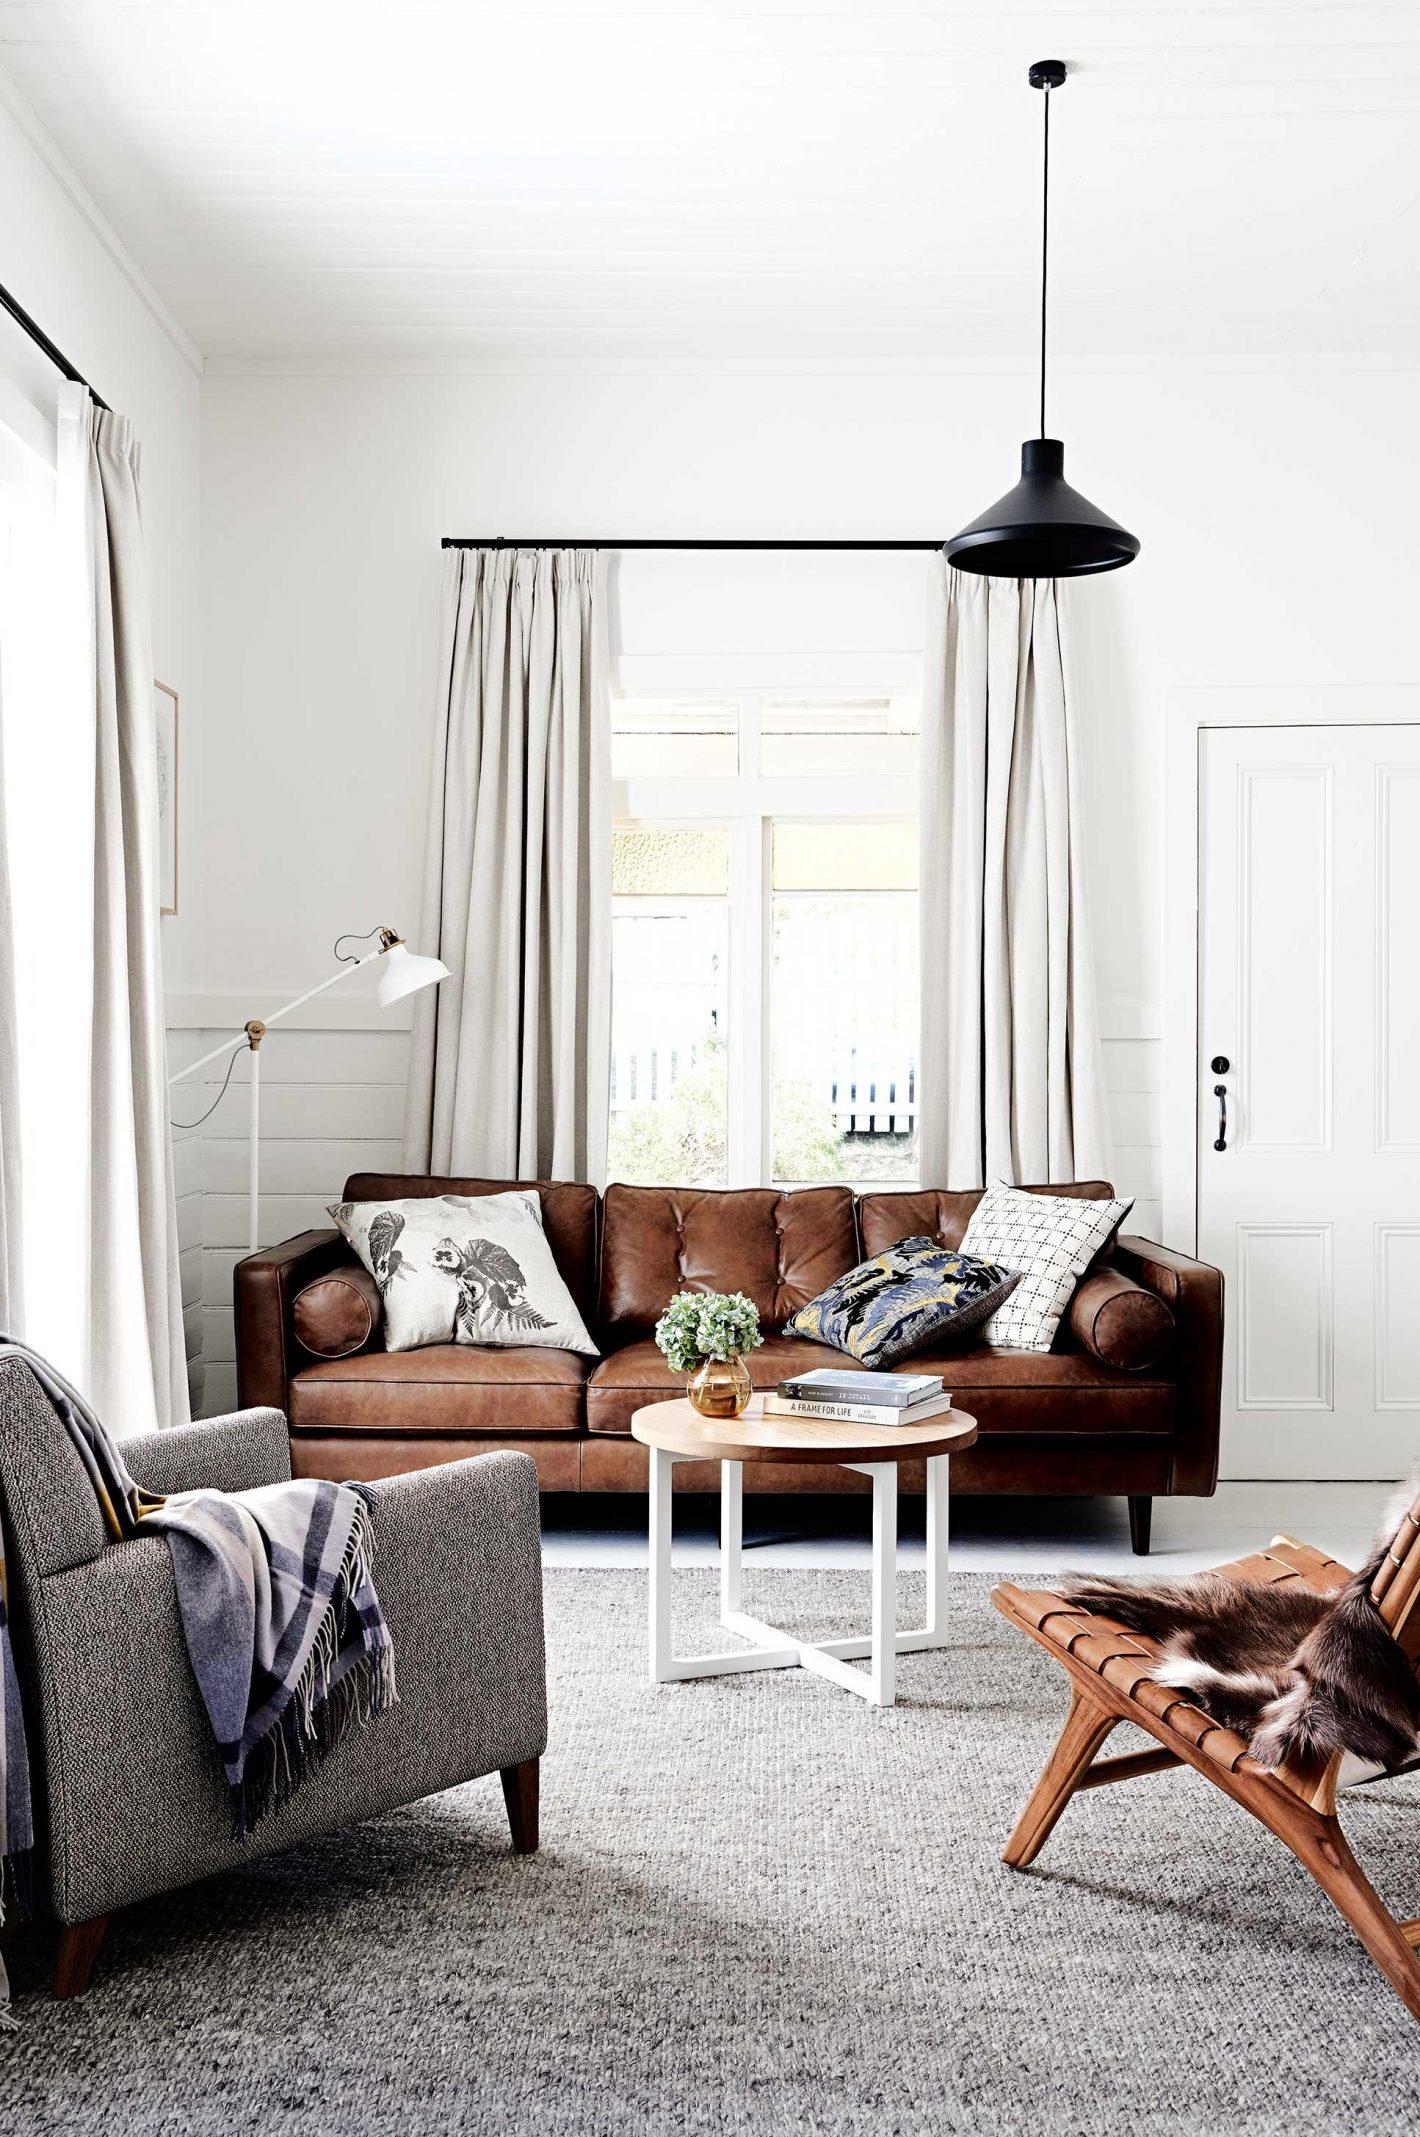 kozna sofa